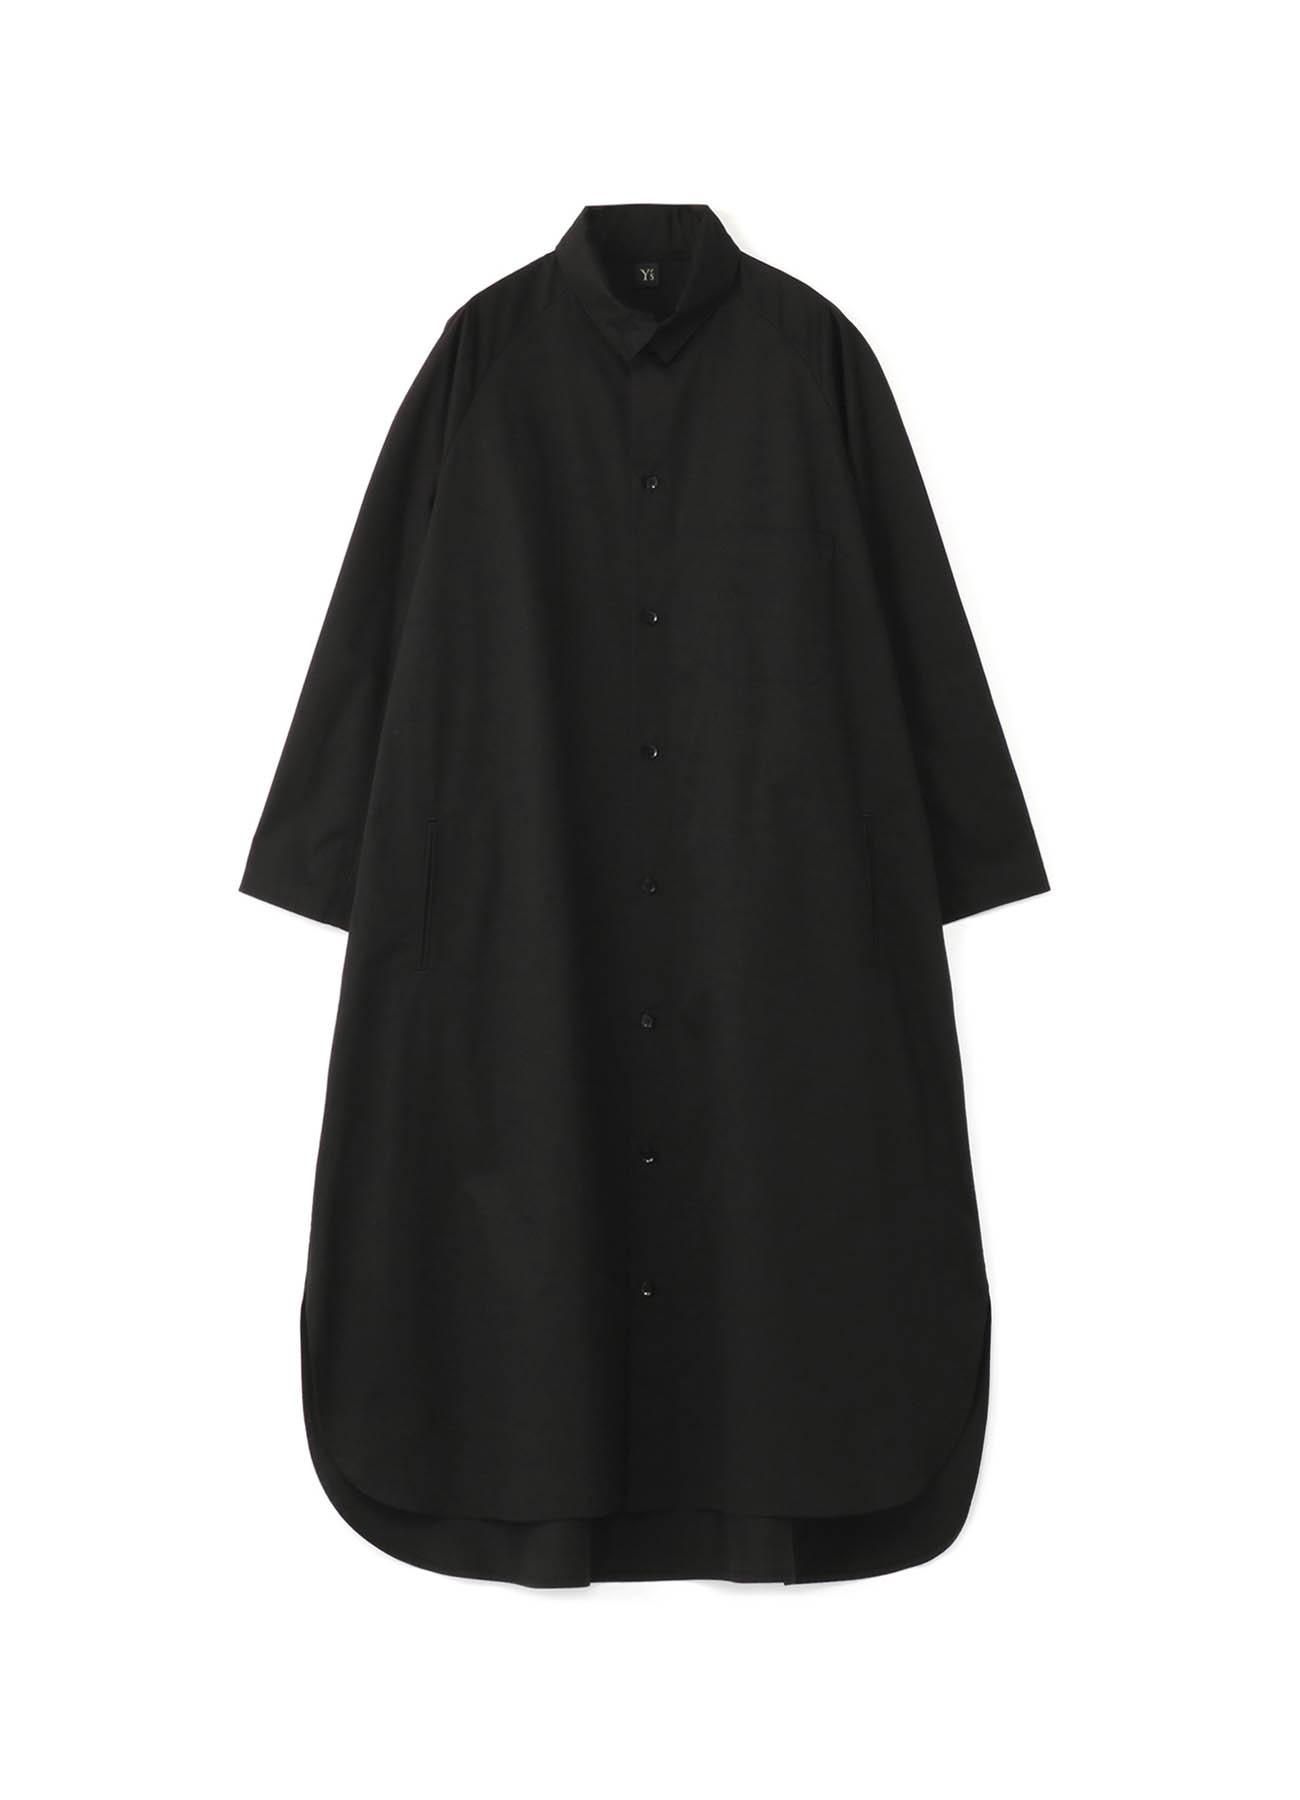 BORN PRODUCT 长款衬衫